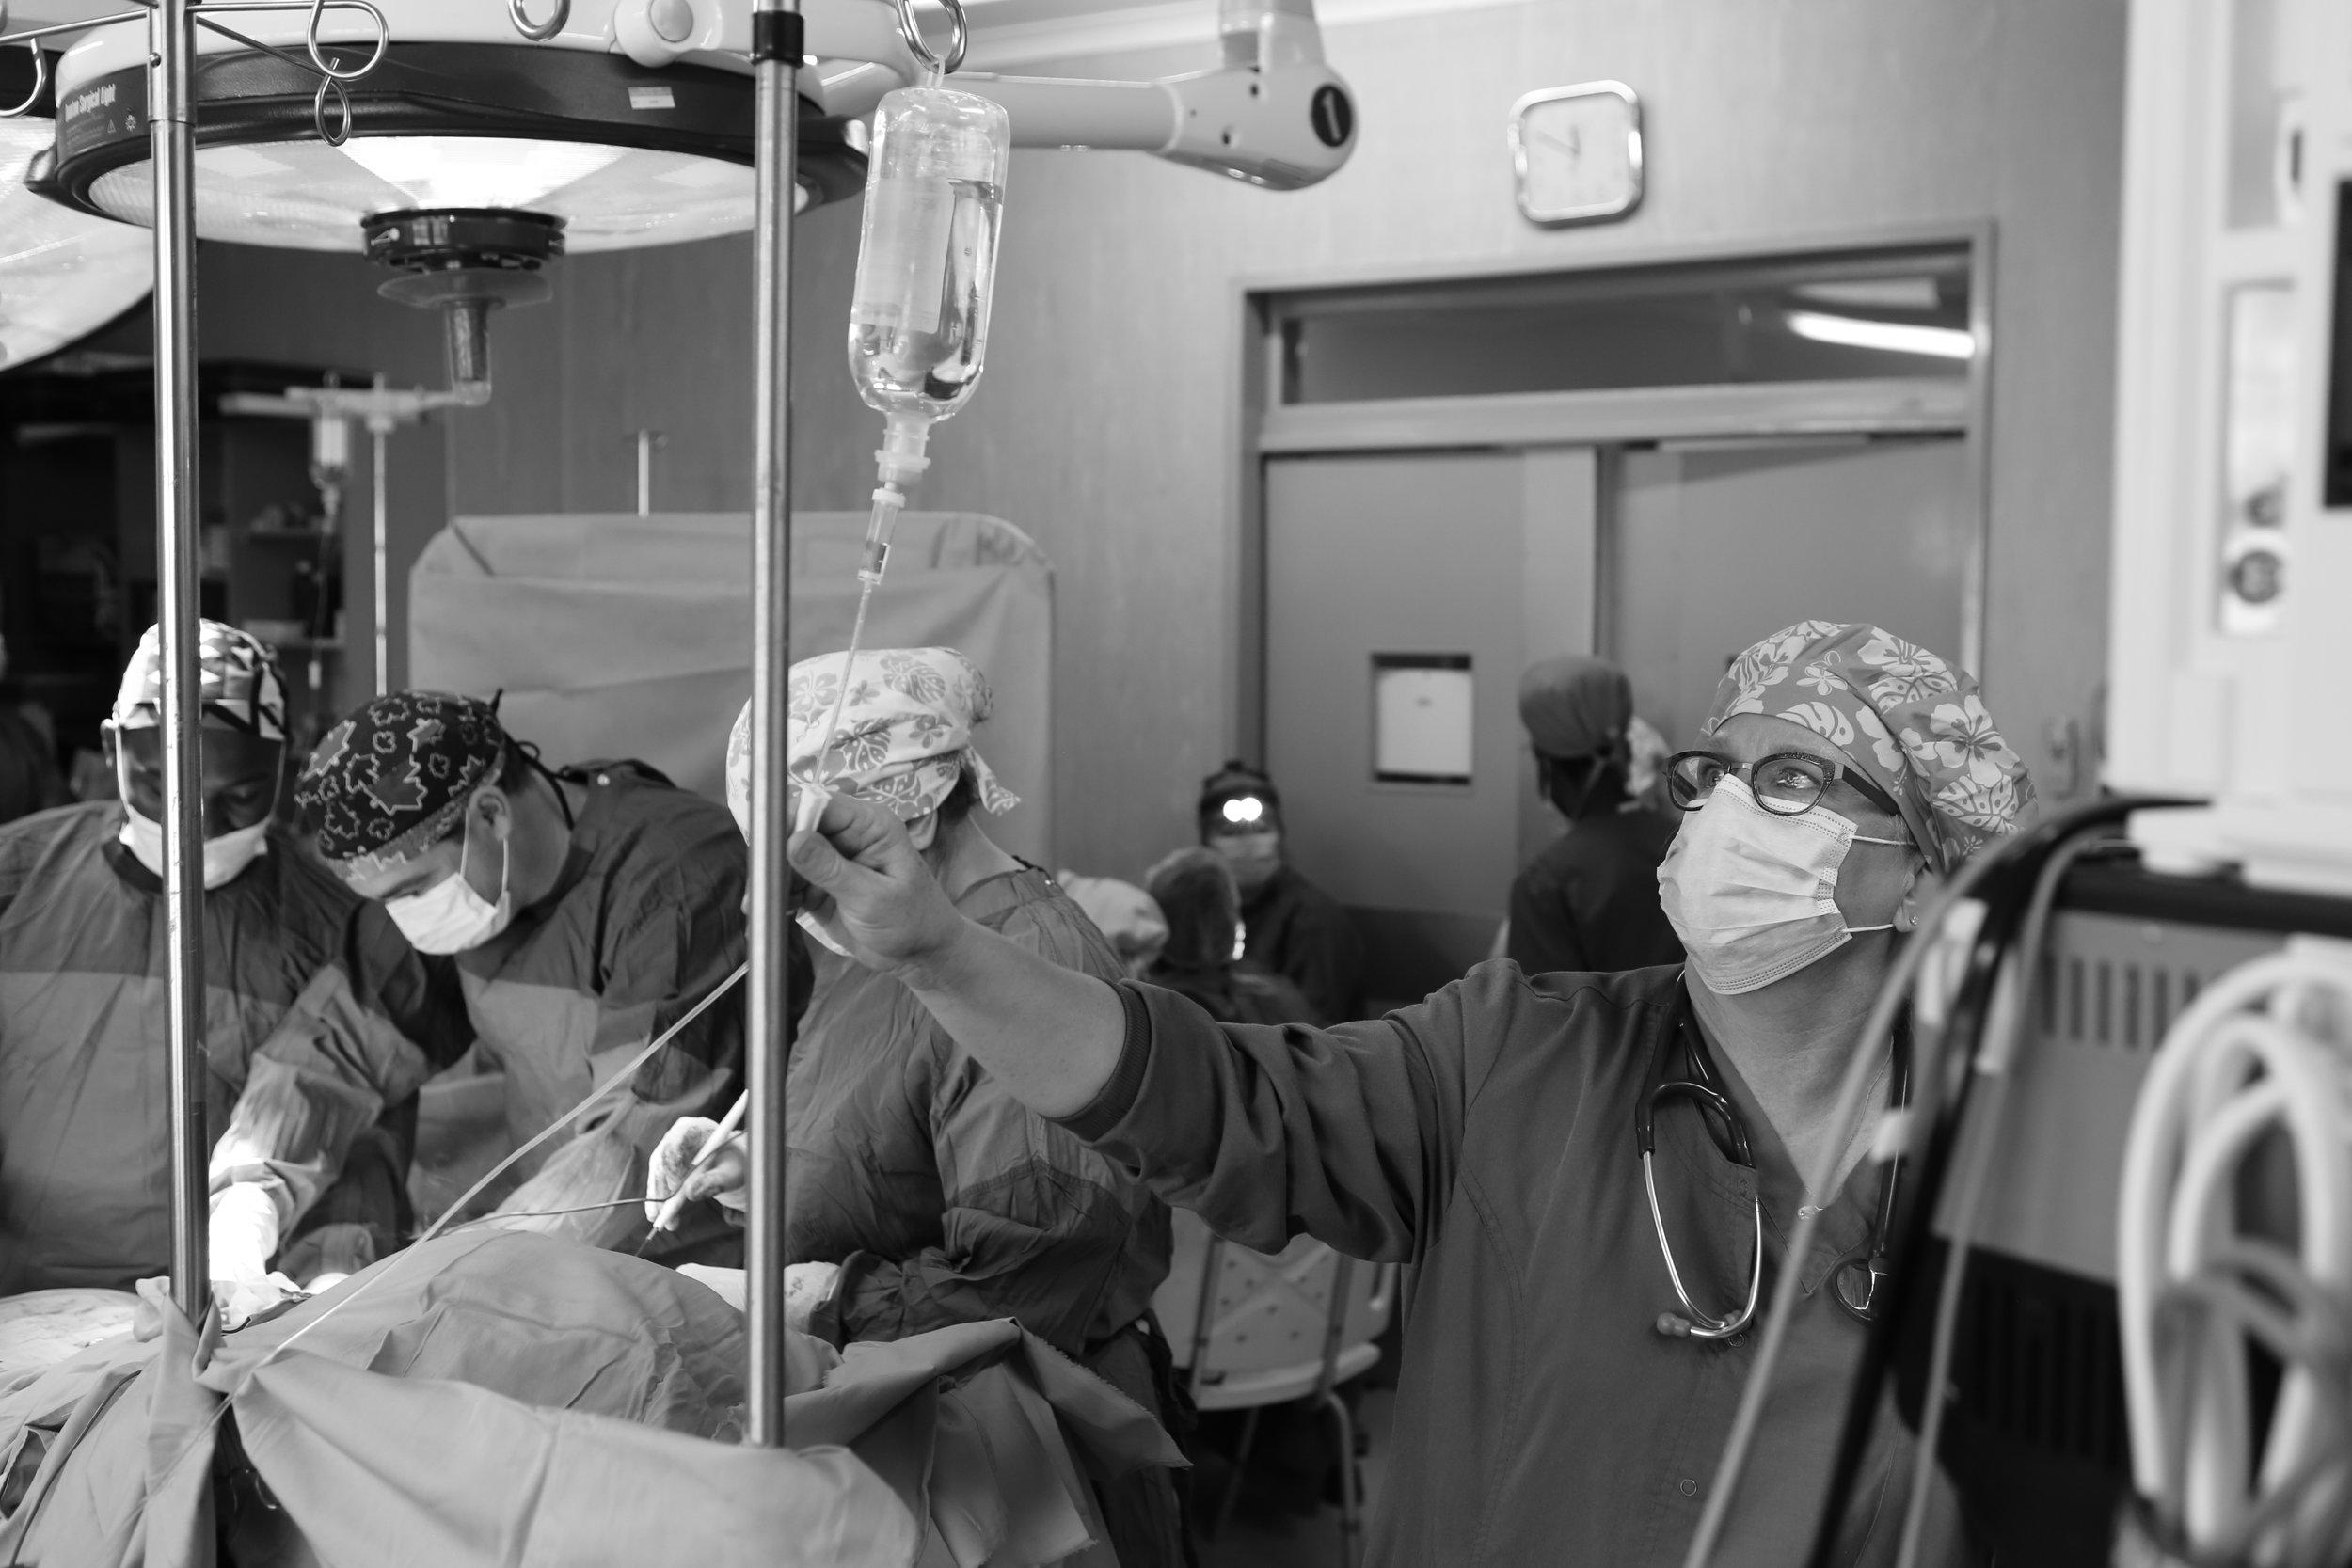 Simultaneous surgeries